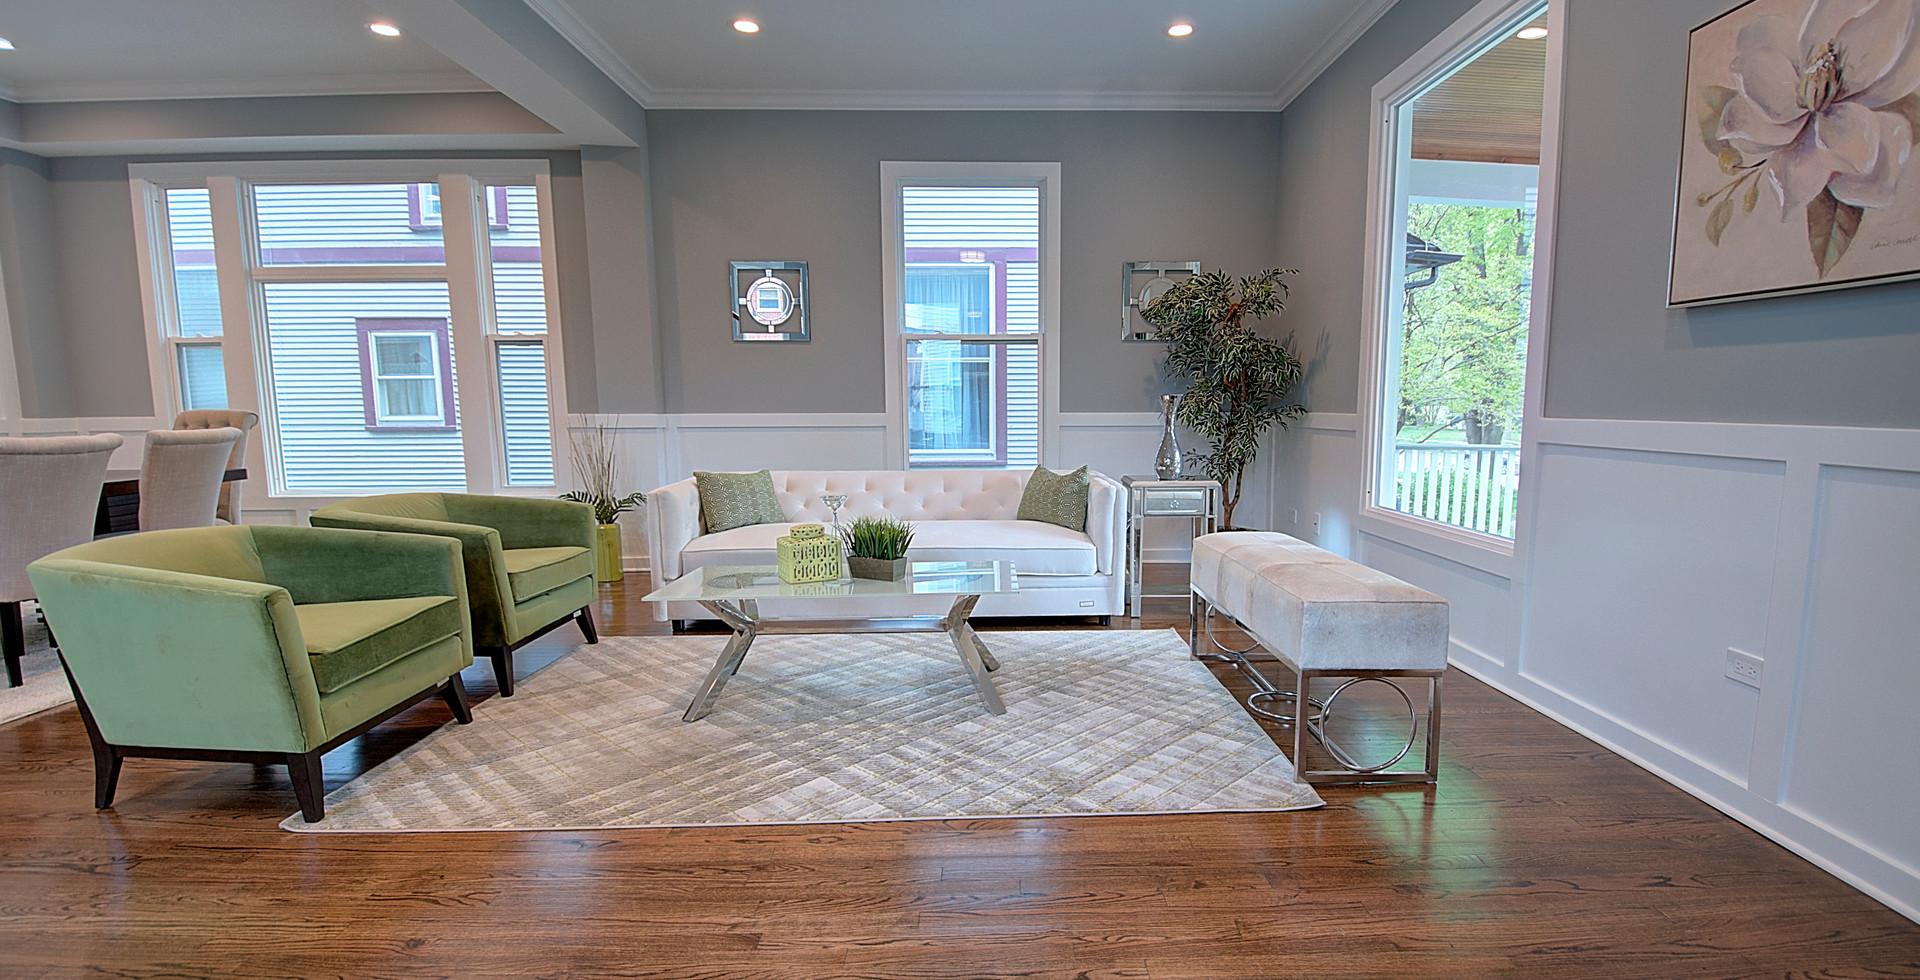 Living Room in Park Ridge designed by MRM Home Design.jpg